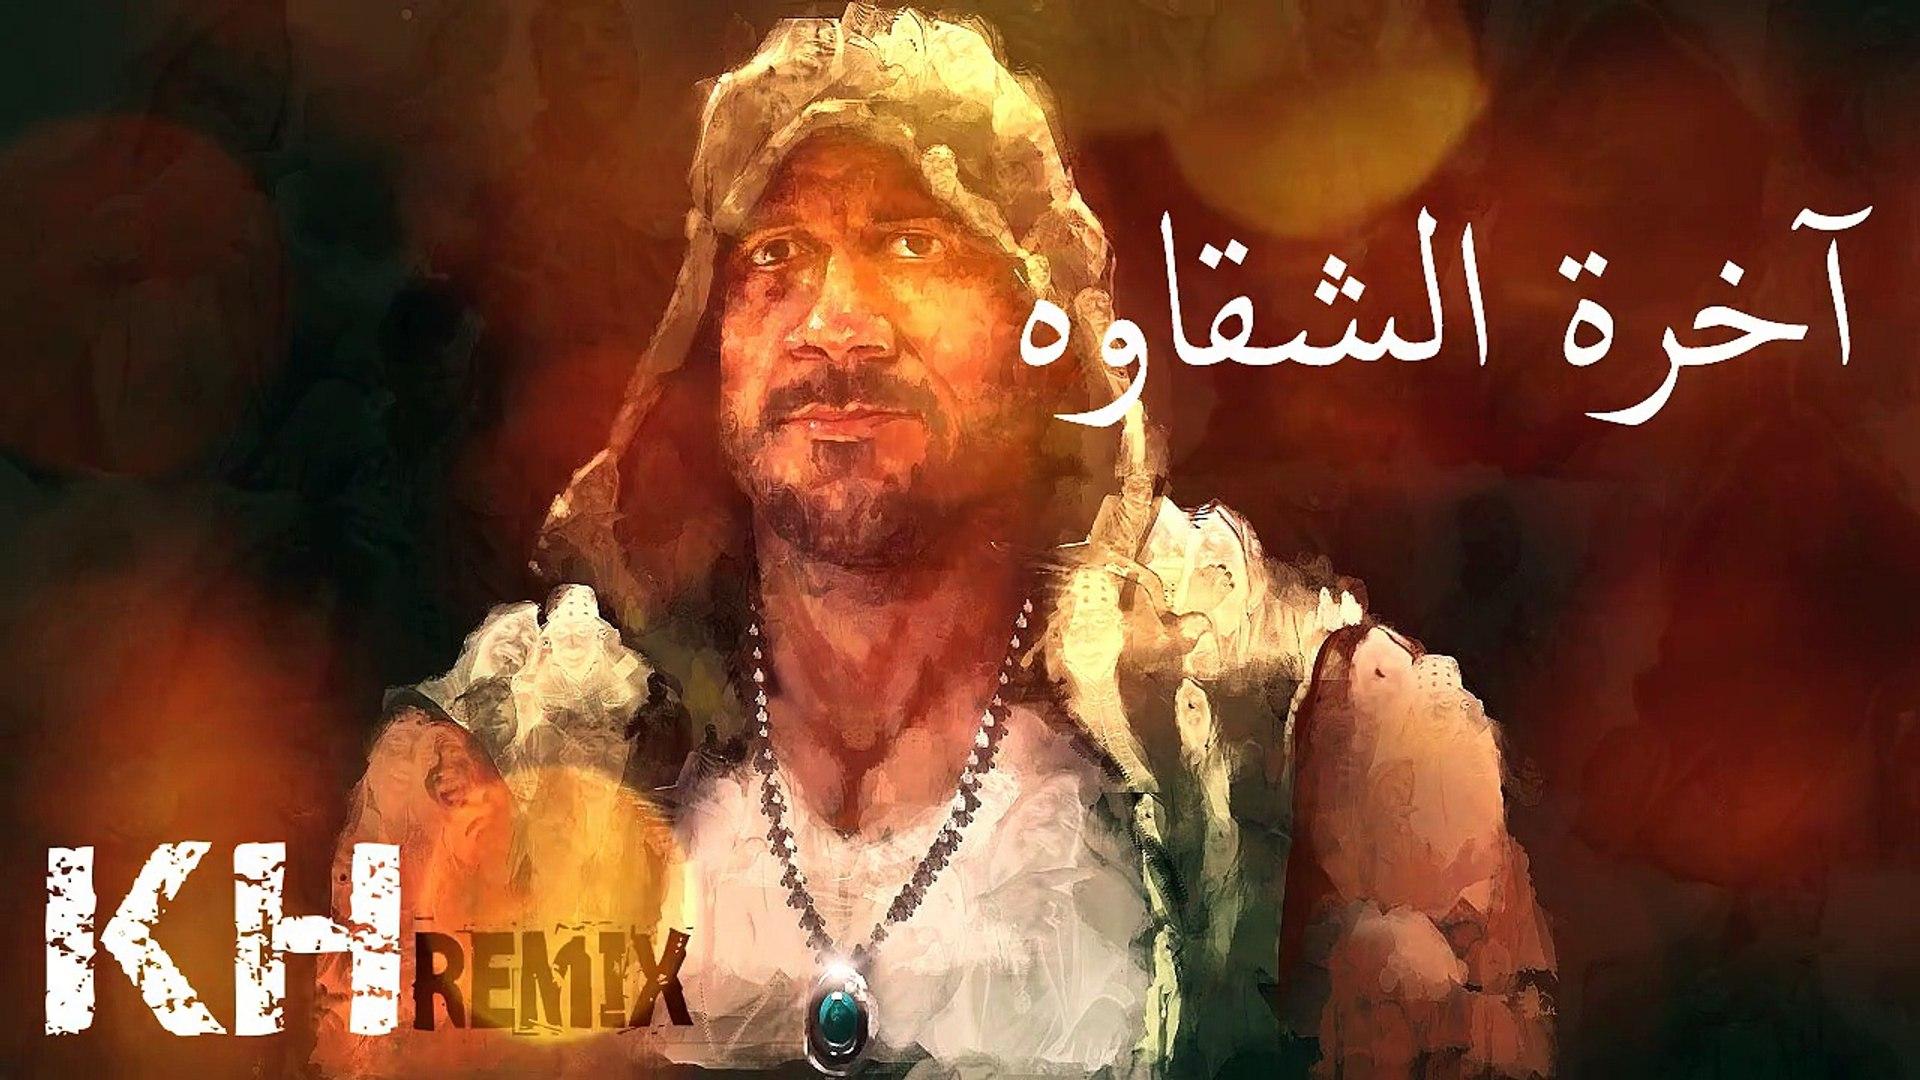 أحمد مكى و محمود الليثى - ( آخرة الشقاوه ) -  KH Remix